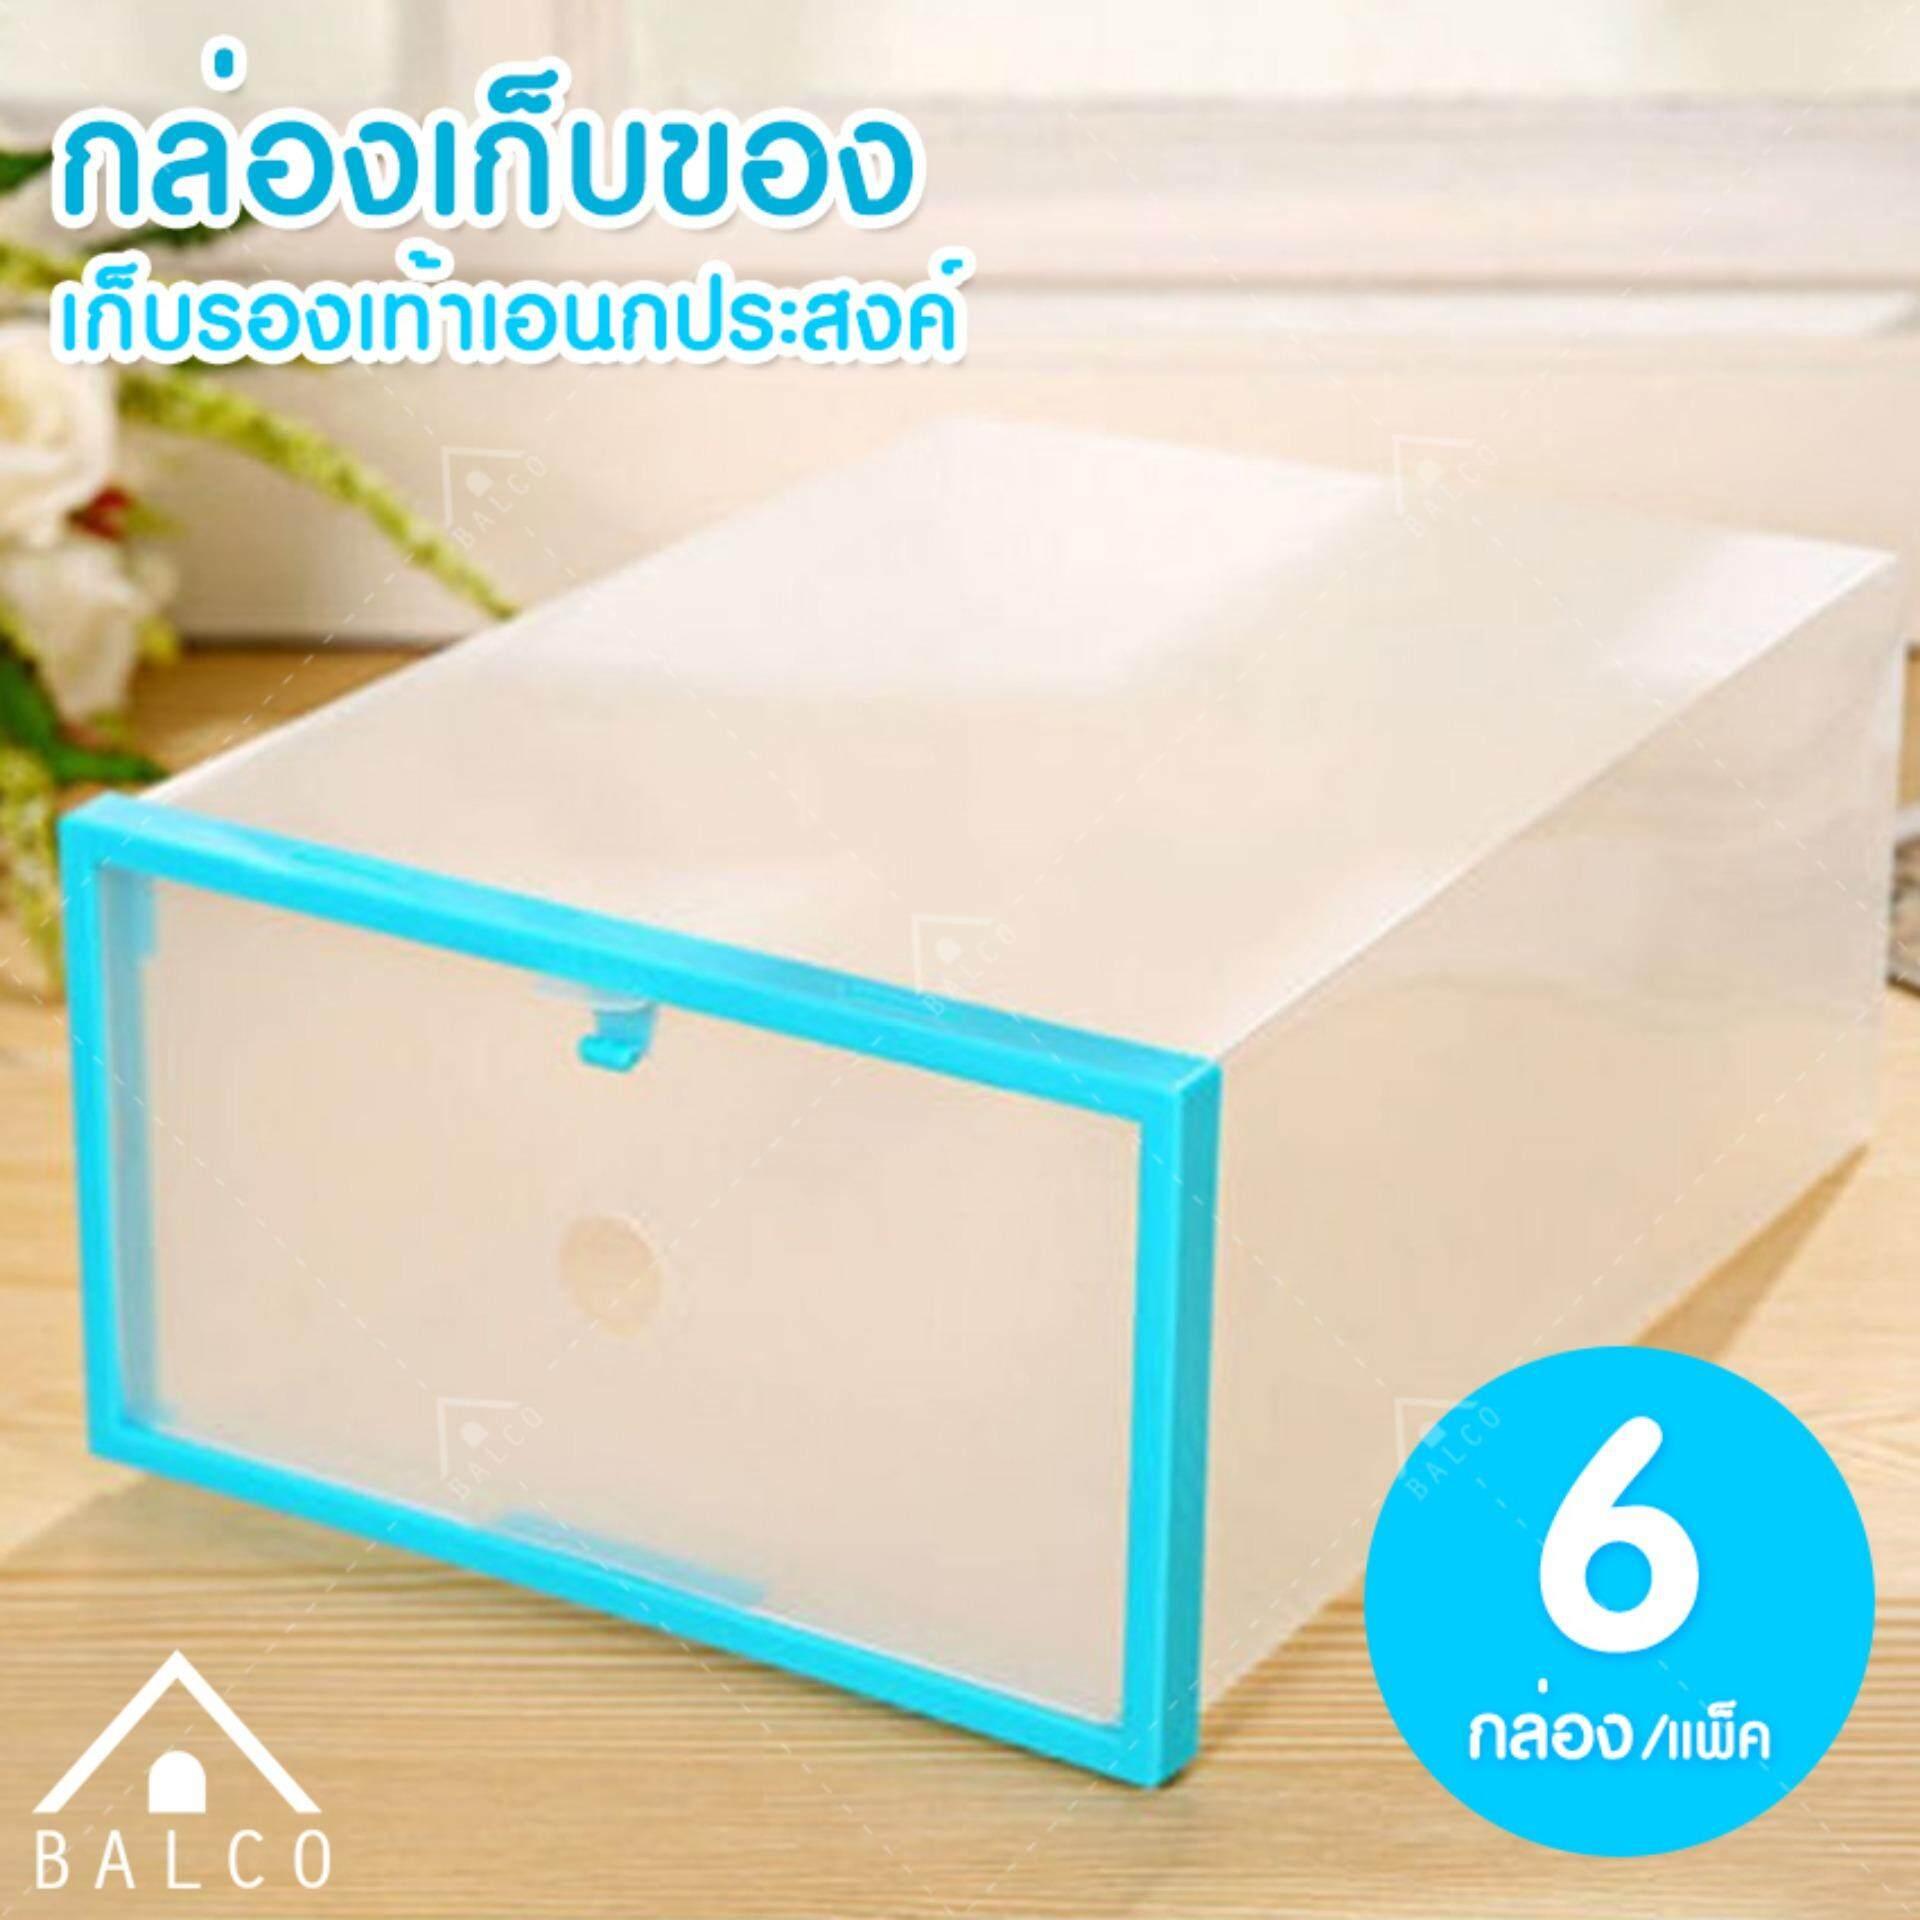 ราคา Balco ชุด กล่องรองเท้า กล่องเก็บรองเท้า กล่องเอนกประสงค์ พลาสติค น้ำหนักเบา ประกอบ เปิดปิดง่าย ช่วยจัดระเบียบให้คุณ รุ่น Kdh 0062 ขอบฟ้า 1 ชุดมี 6 กล่อง เป็นต้นฉบับ Balco